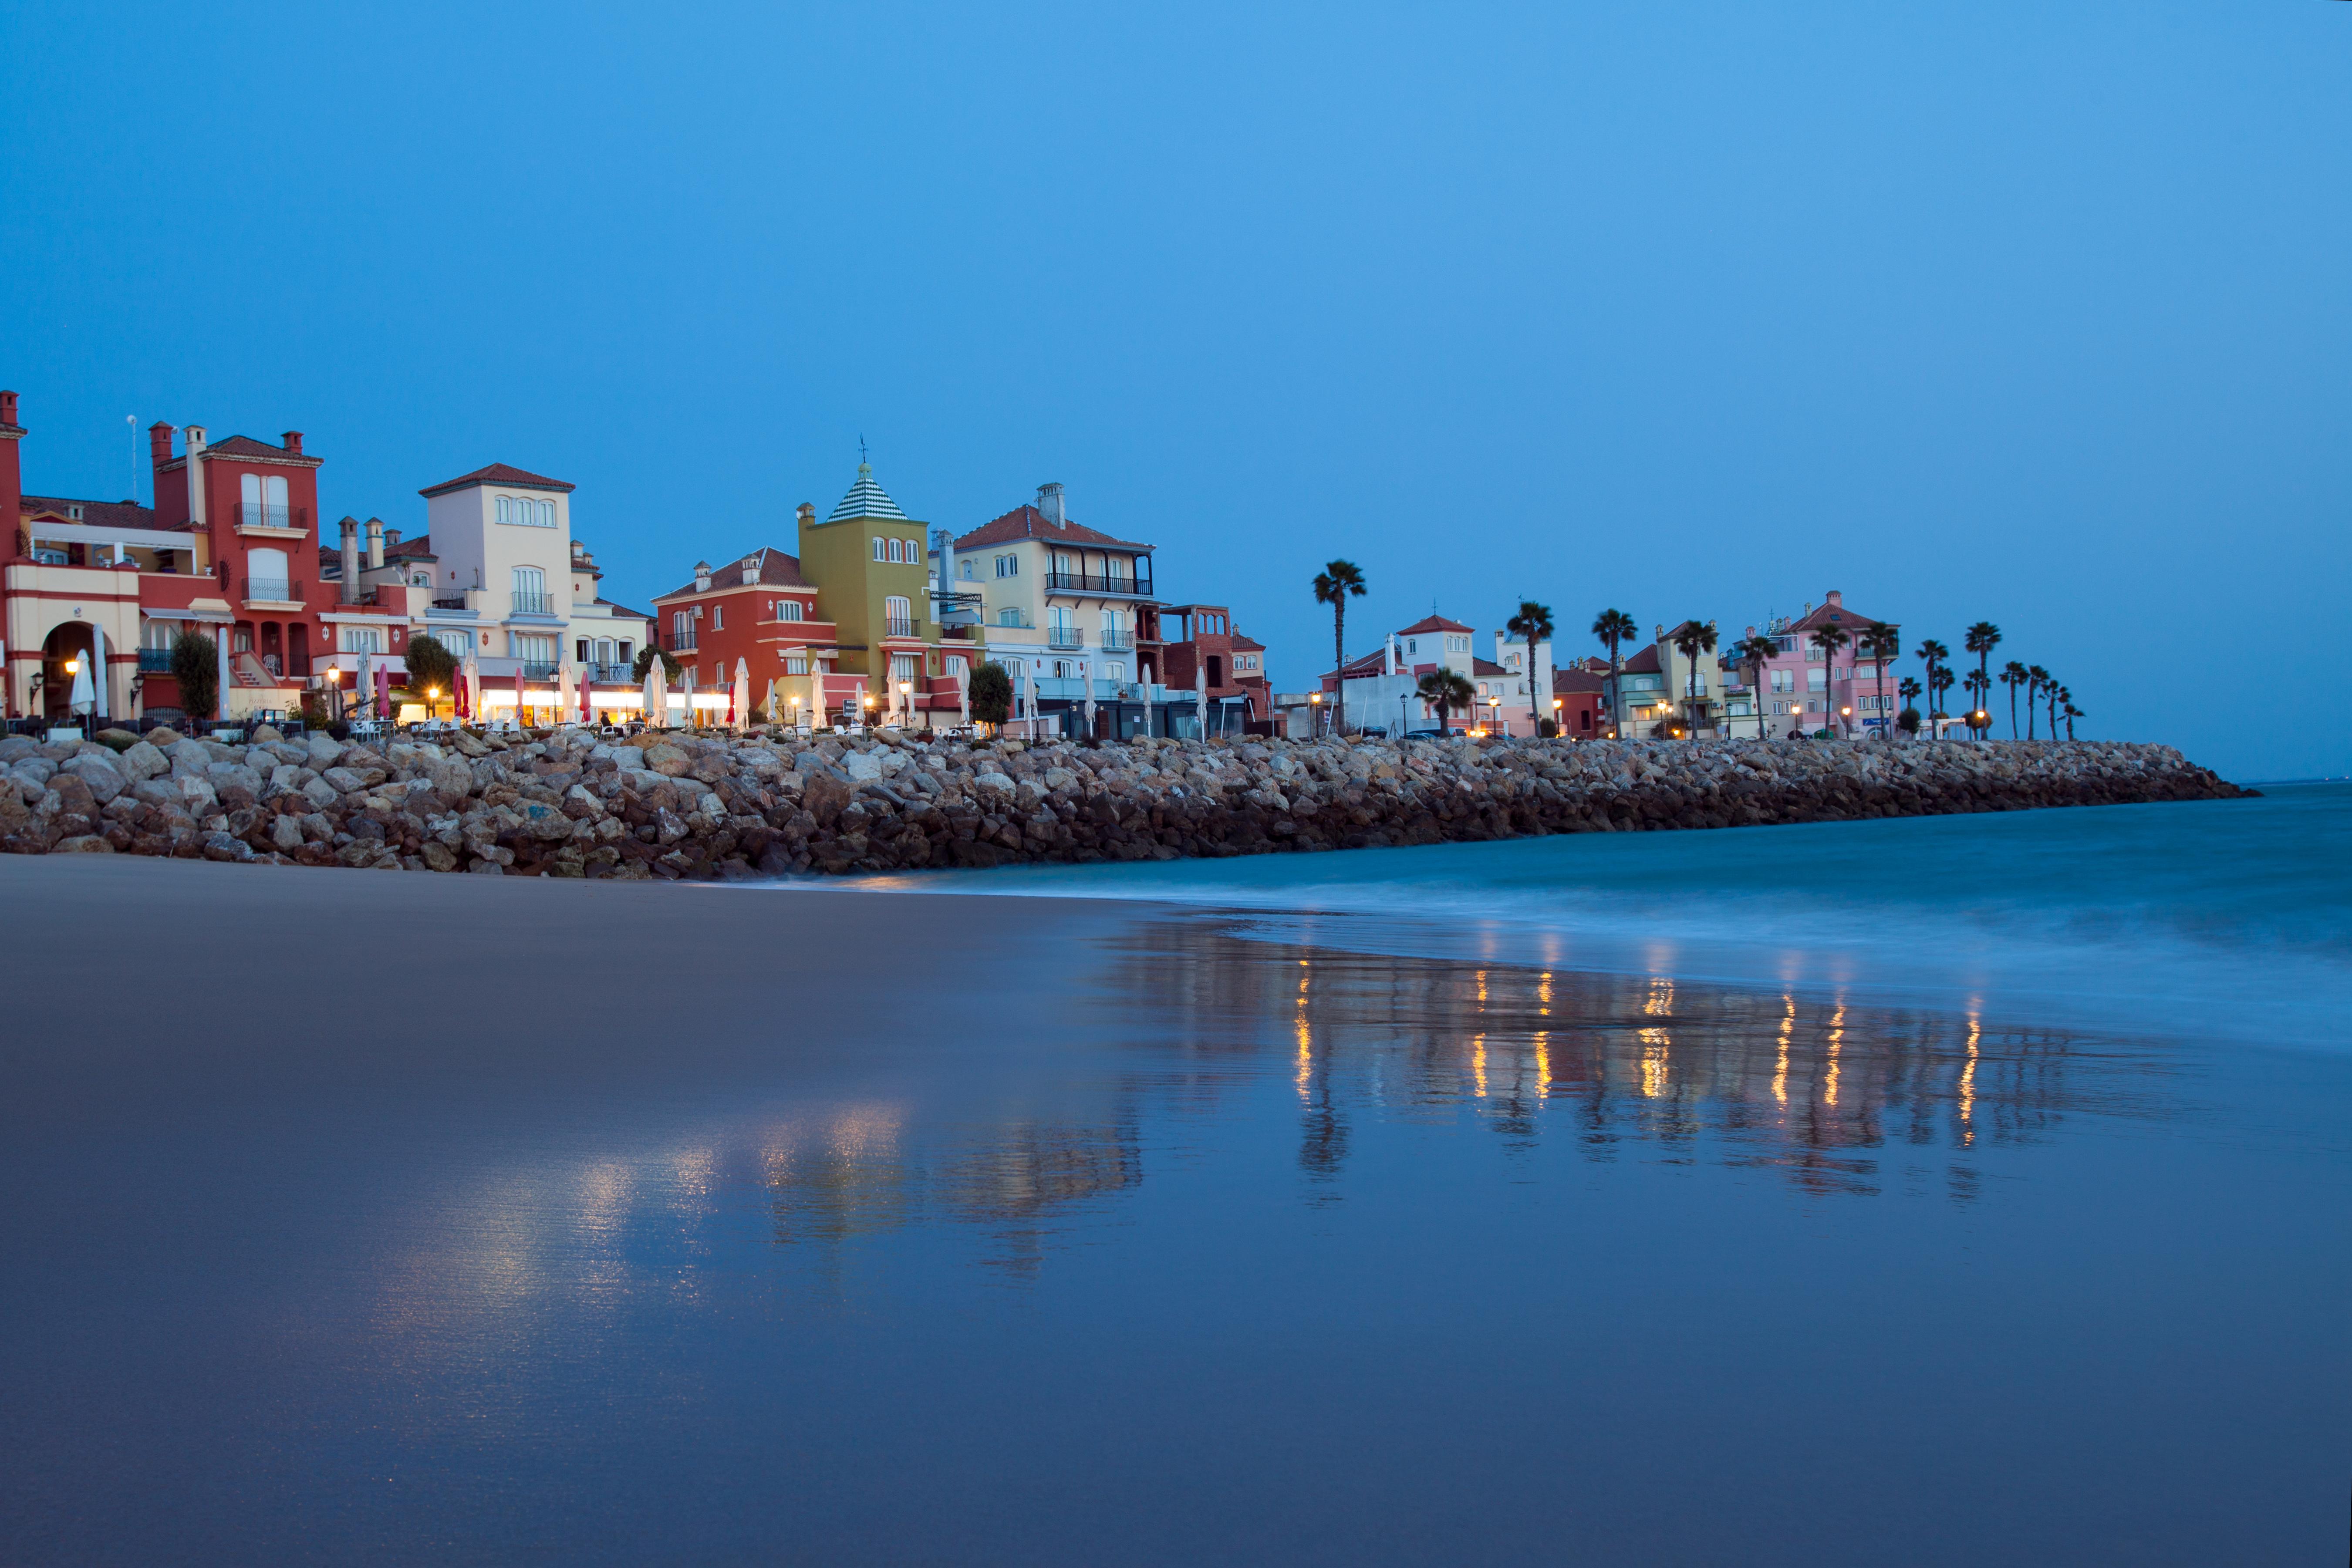 Puerto sherry, Cádiz